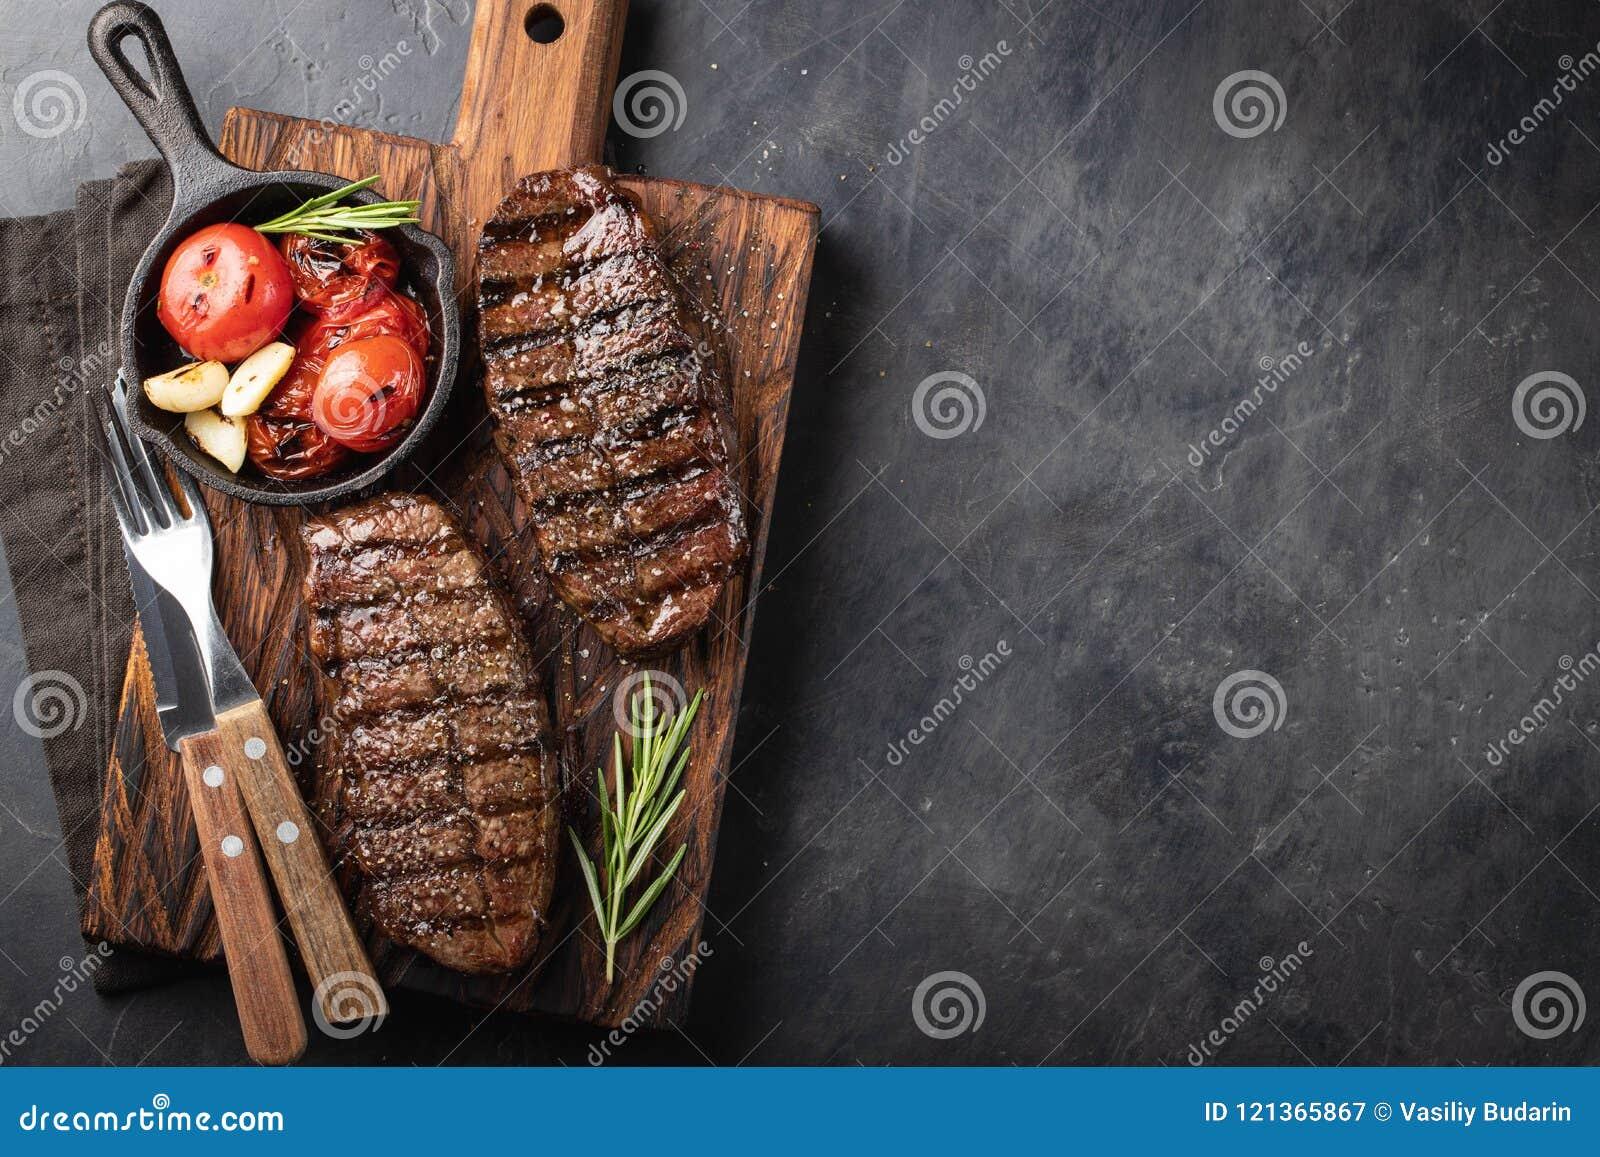 黑人安格斯特写镜头立即可食的牛排上面刀片牛肉品种用格栅蕃茄,大蒜和一个木板的 的treadled